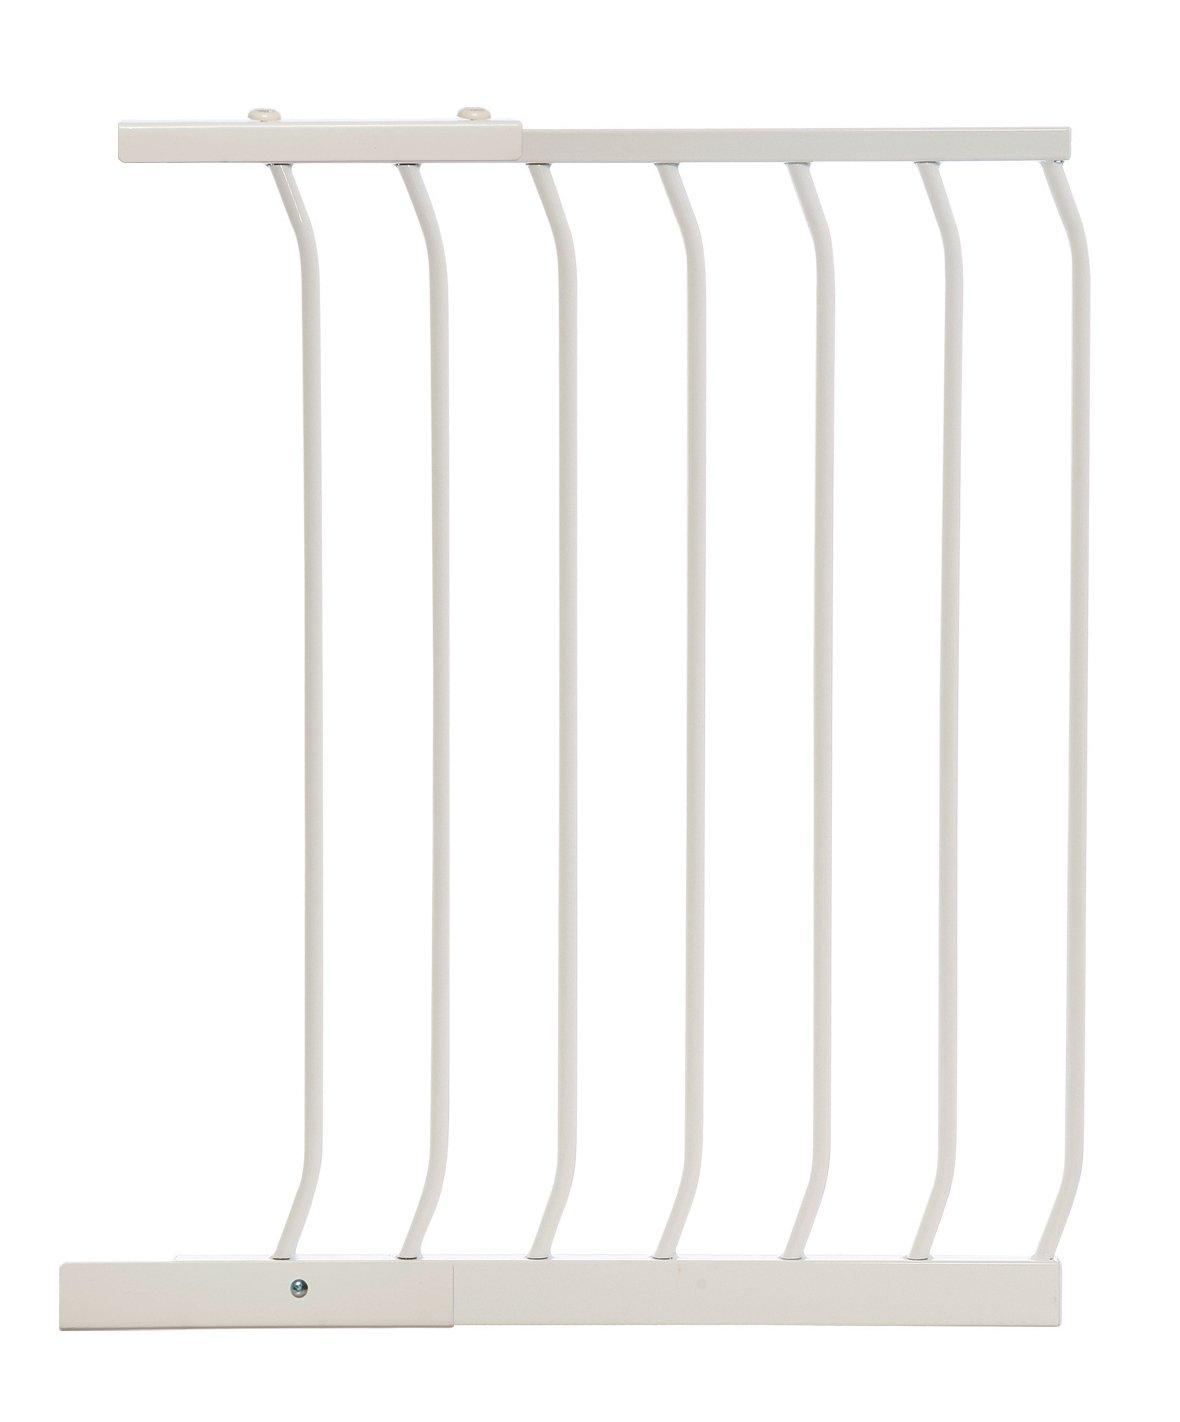 ファッションデザイナー Dreambaby 54cm Wide Gate Extension Gate (White) B004BJ0T20 54cm B004BJ0T20, 洋服寸法直し袖丈詰めのgrandmagic:f79a57a5 --- a0267596.xsph.ru